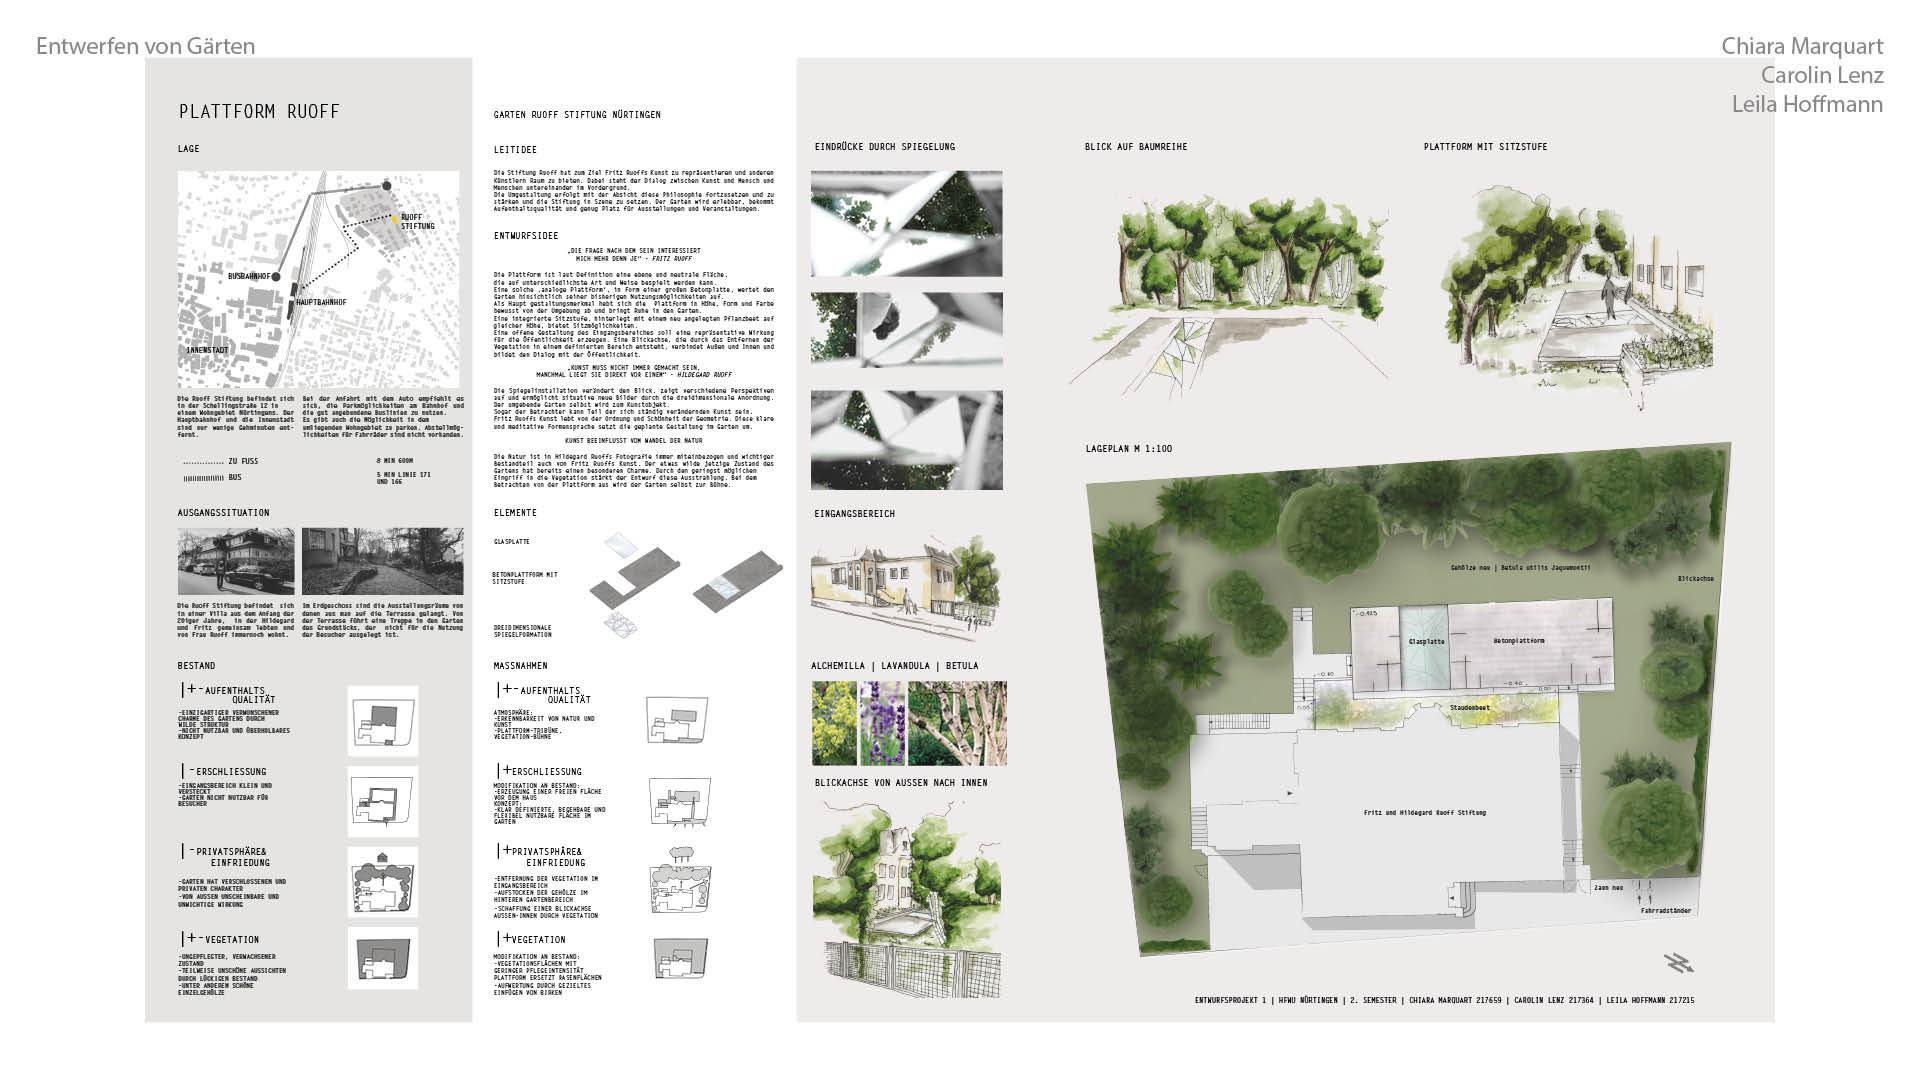 01 17 2 Entwerfen Von Gärten